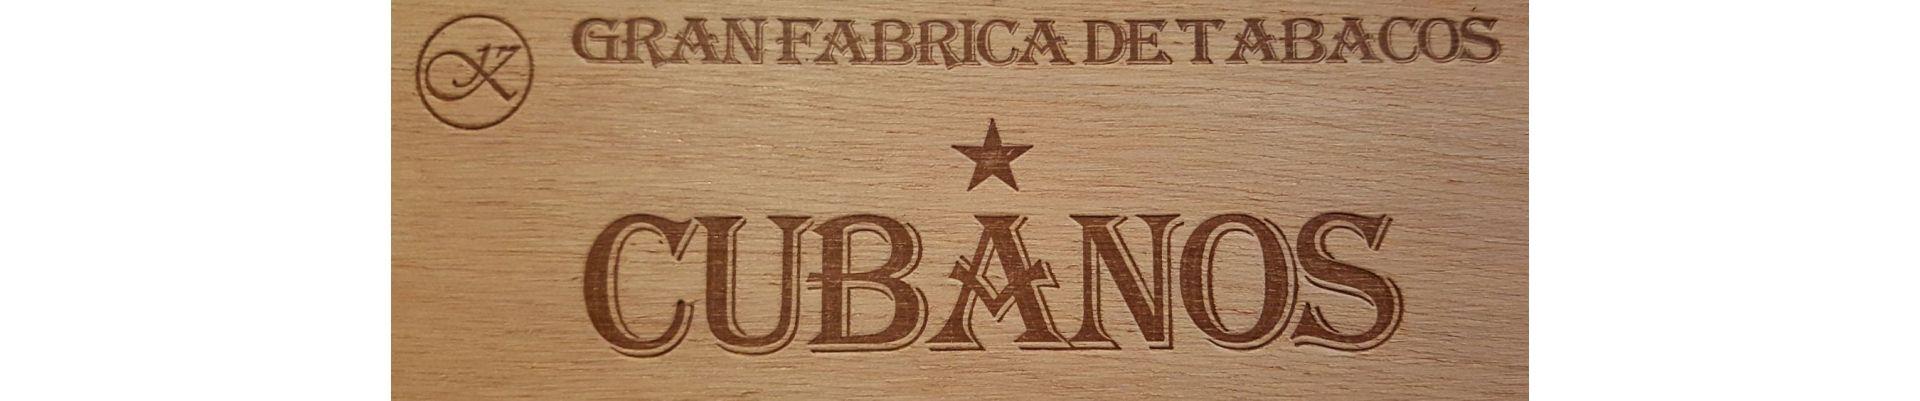 Magazin trabucuri Cubanos de vanzare.Pret trabucuri  ieftine Cubanos